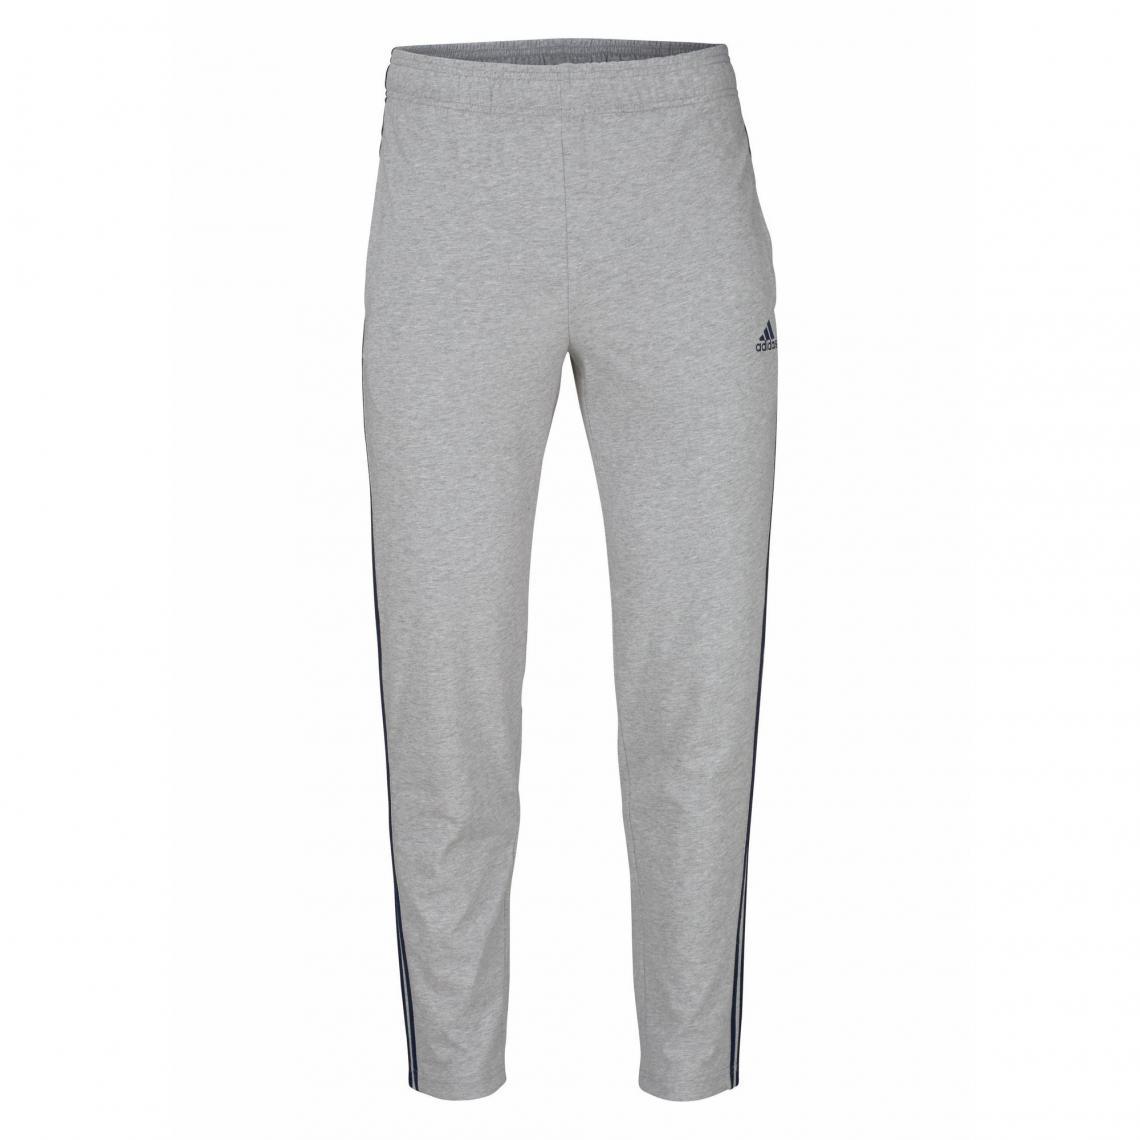 9c25cef1eab70 ... Pantalon de survêtement molleton homme adidas Originals - gris chiné  Adidas Performance